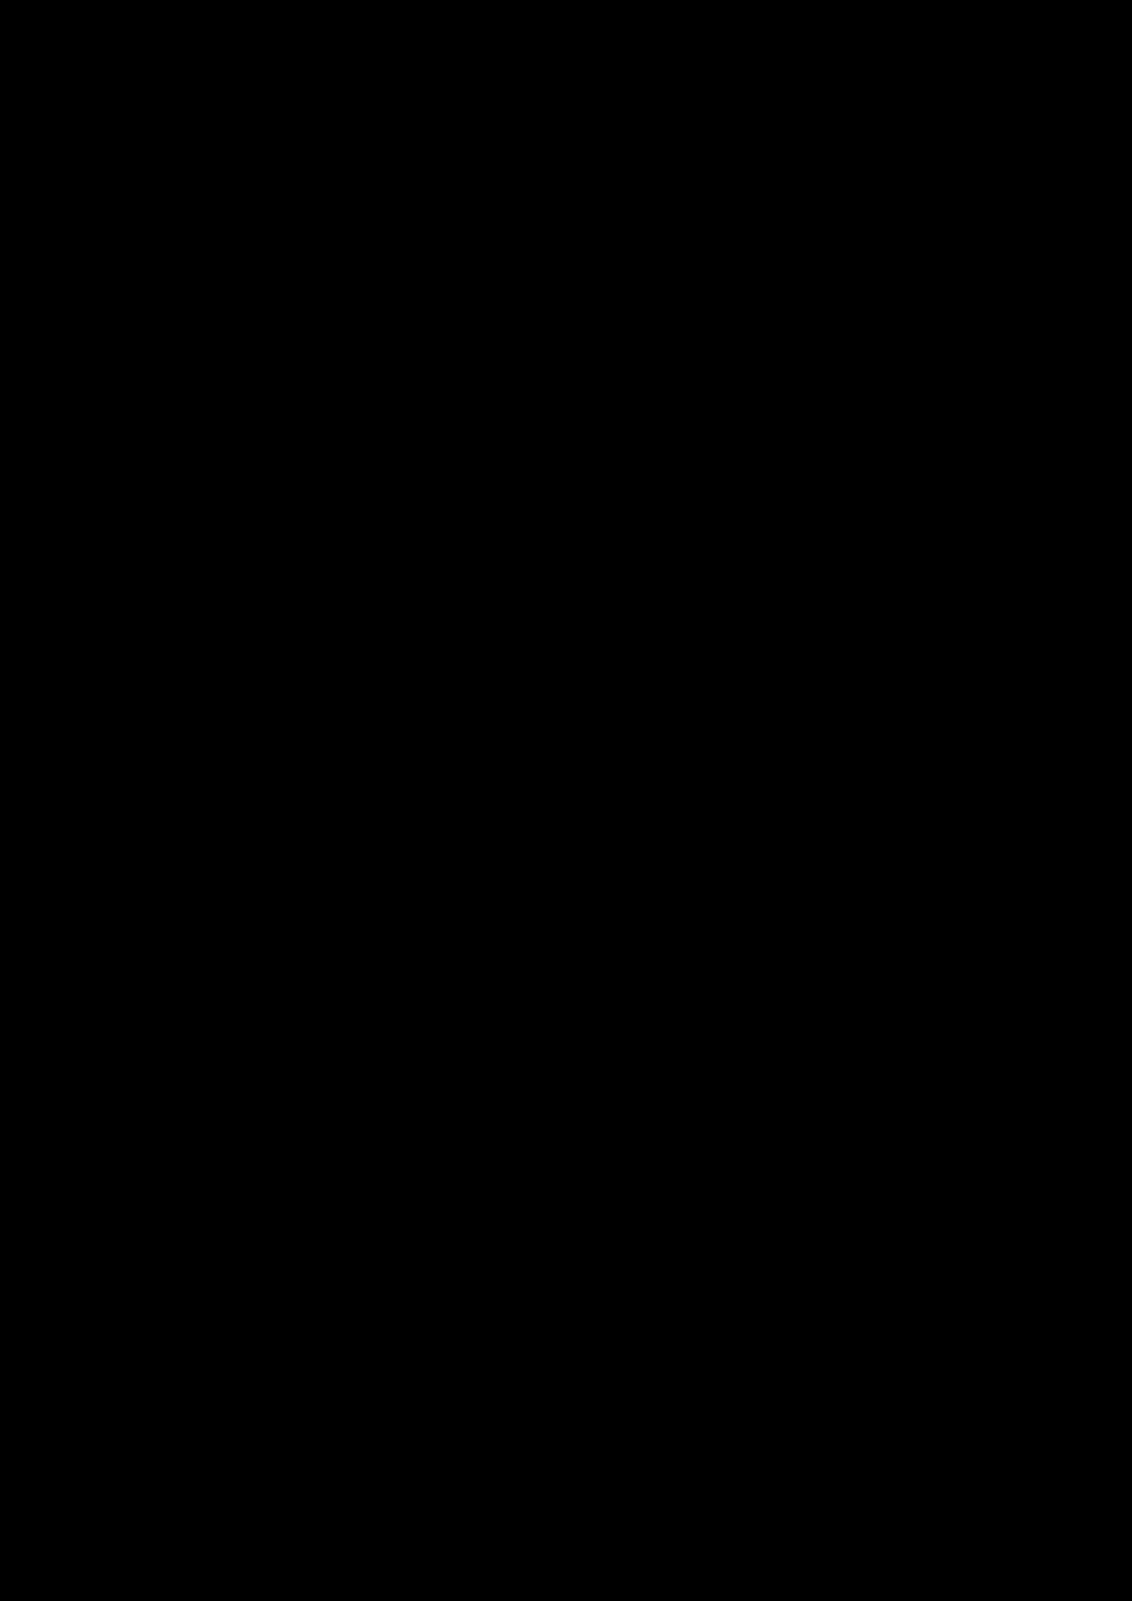 Proschanie s volshebnoy stranoy slide, Image 103